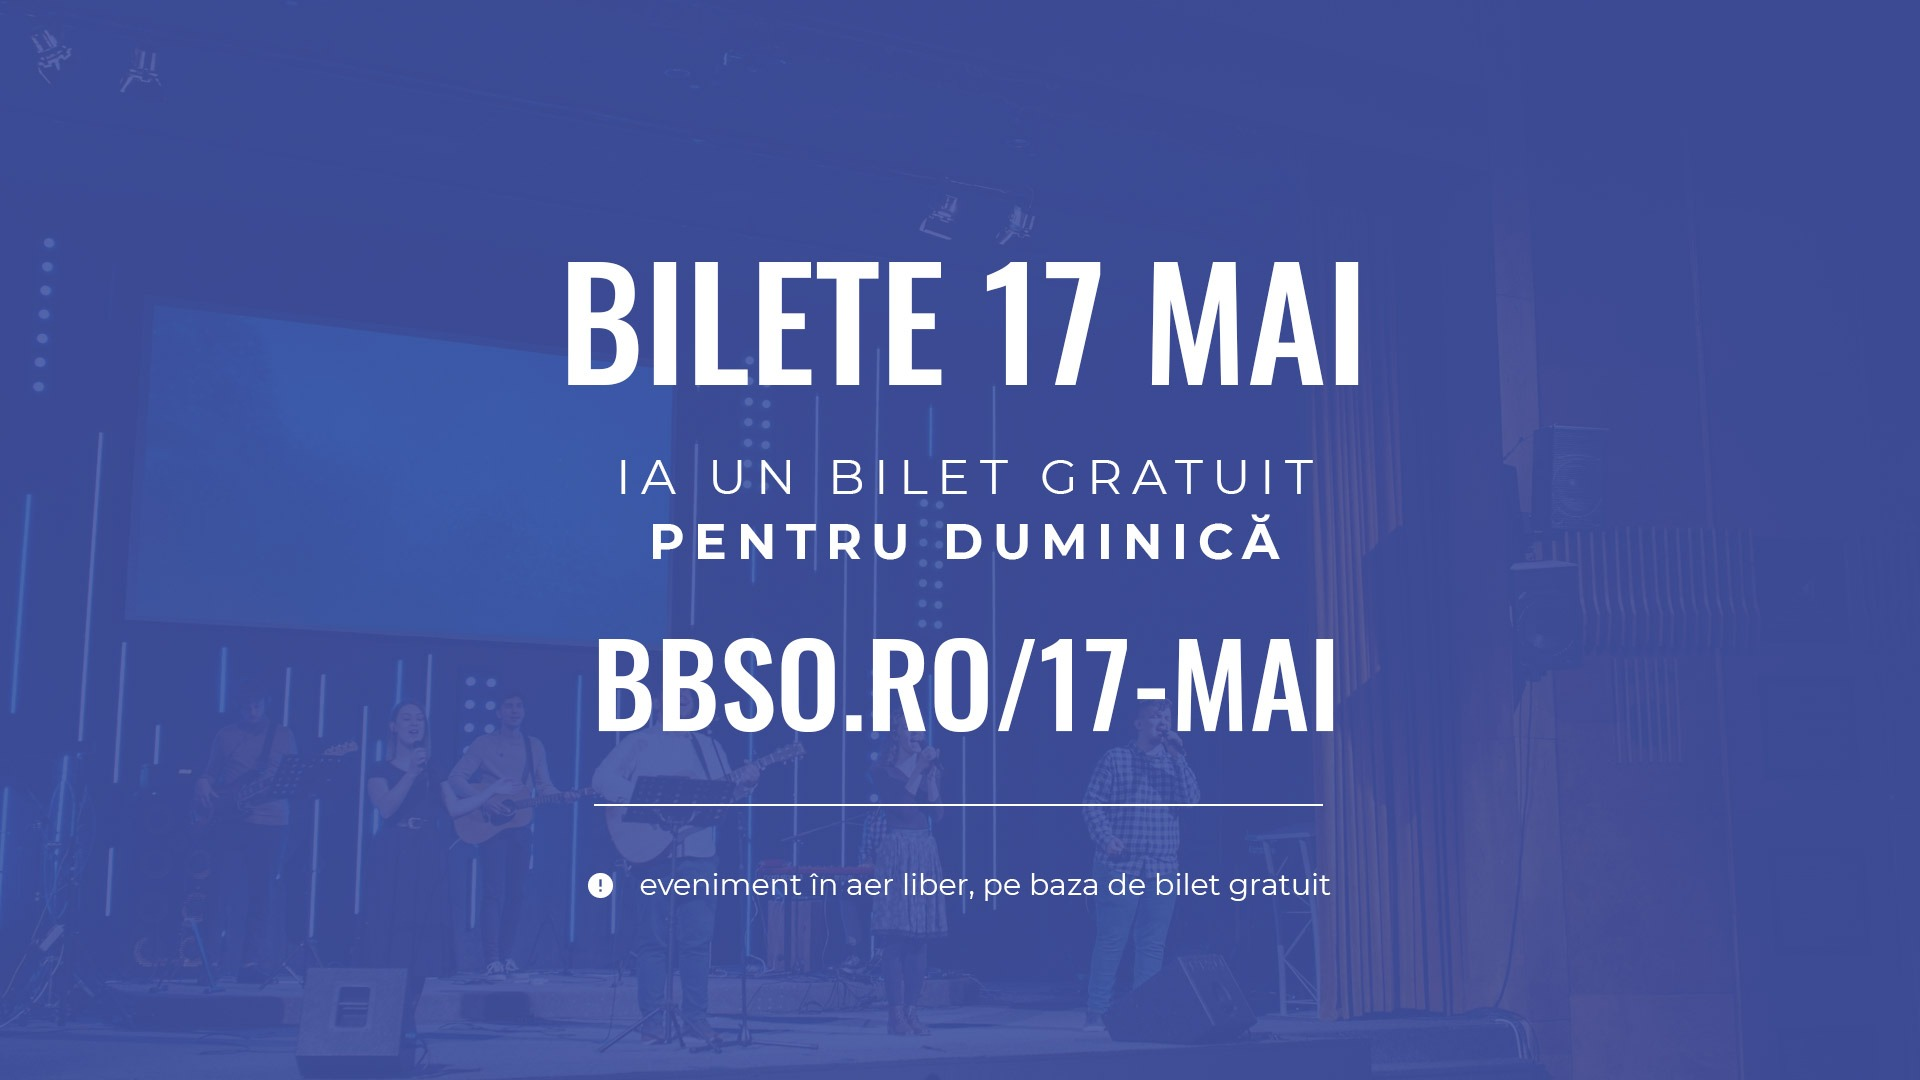 Bilete 17 Mai